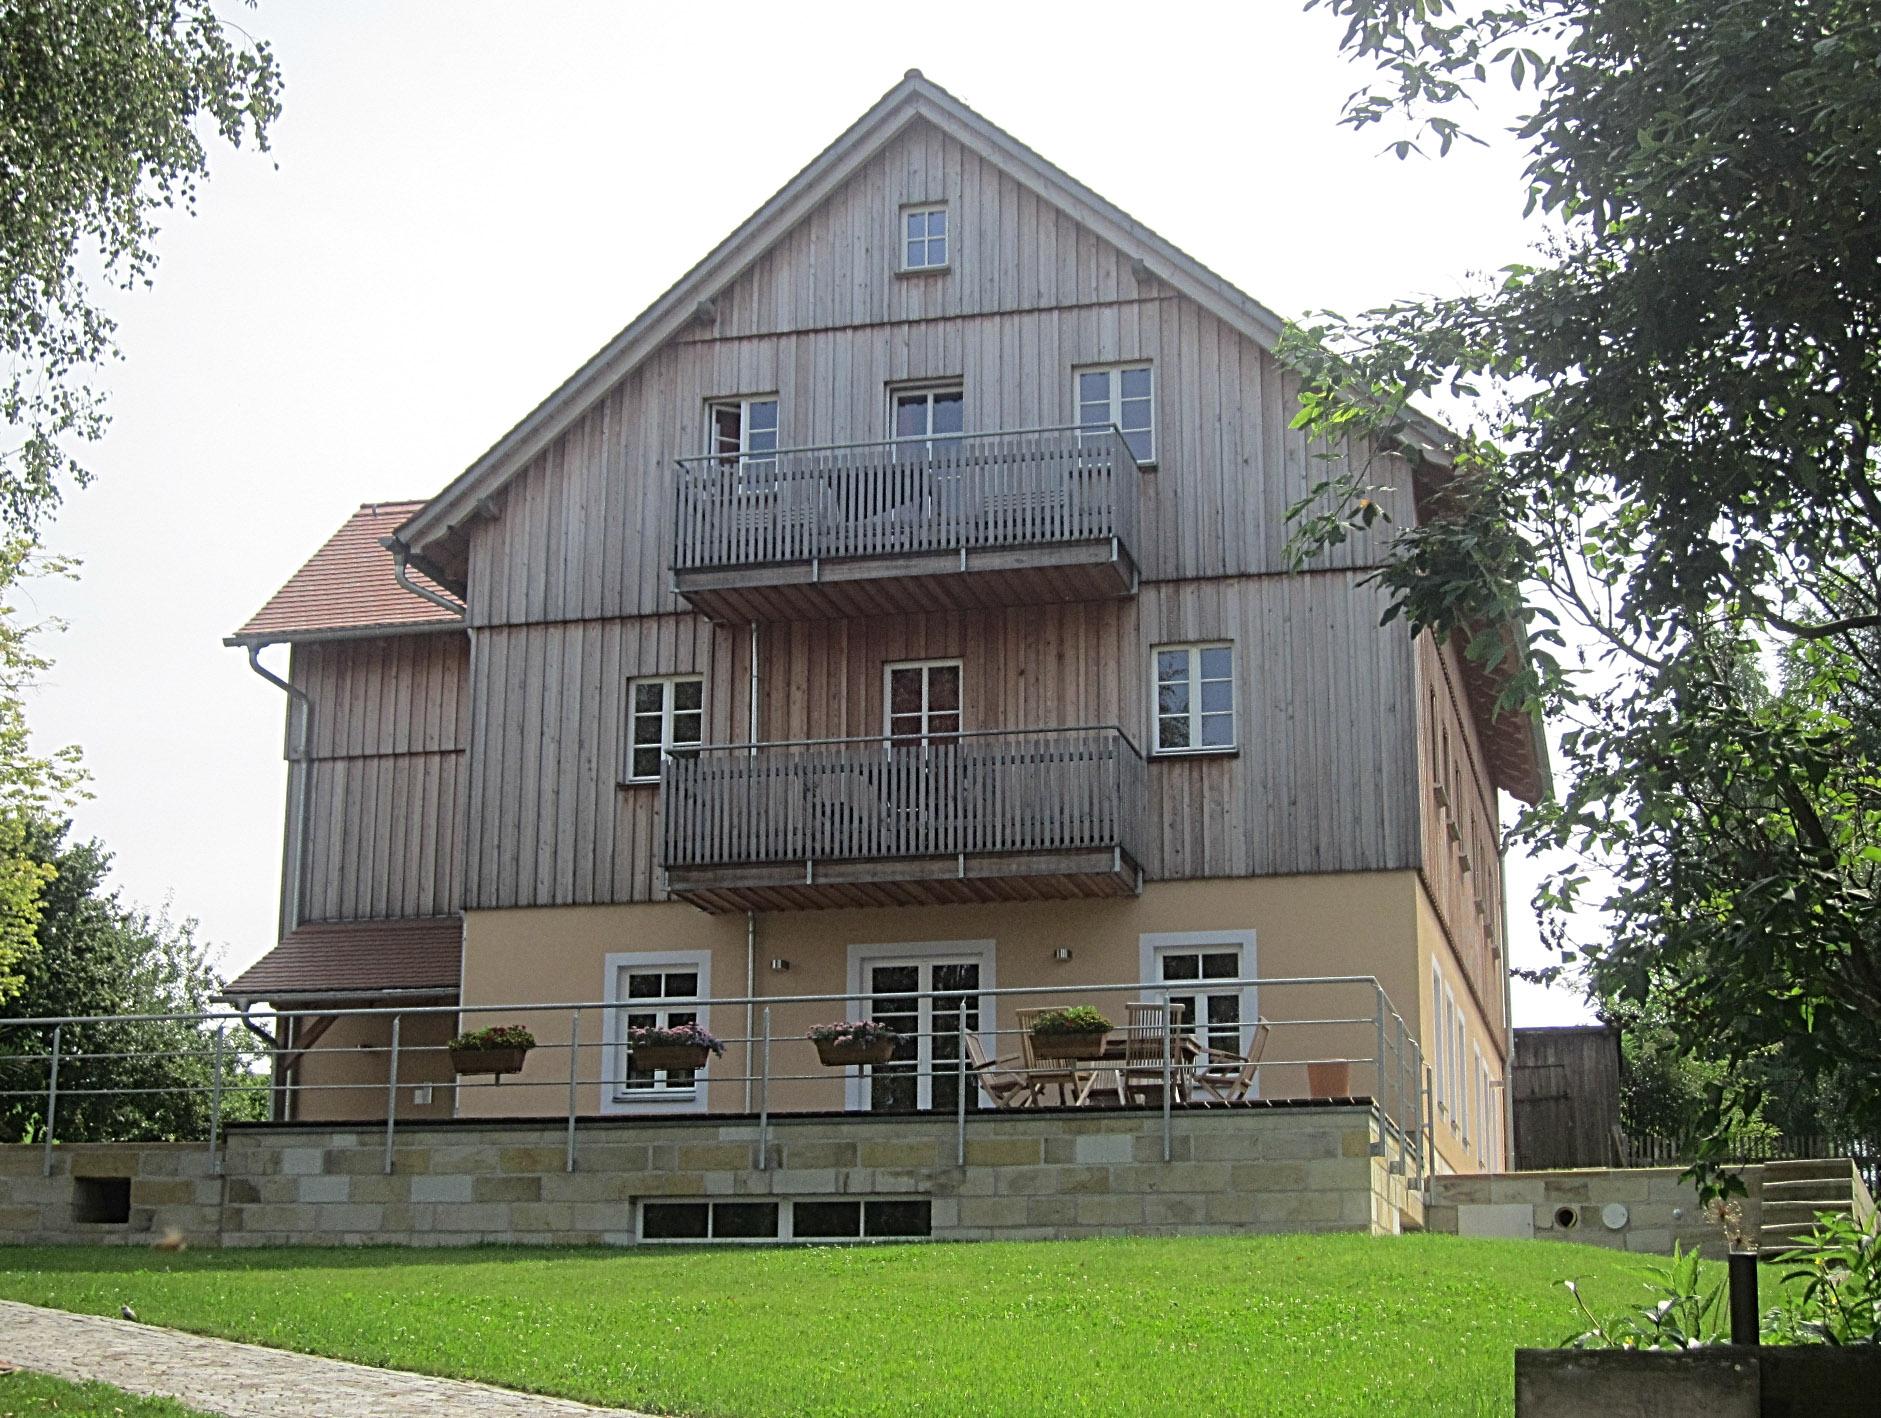 Hinterhermsdorf_06